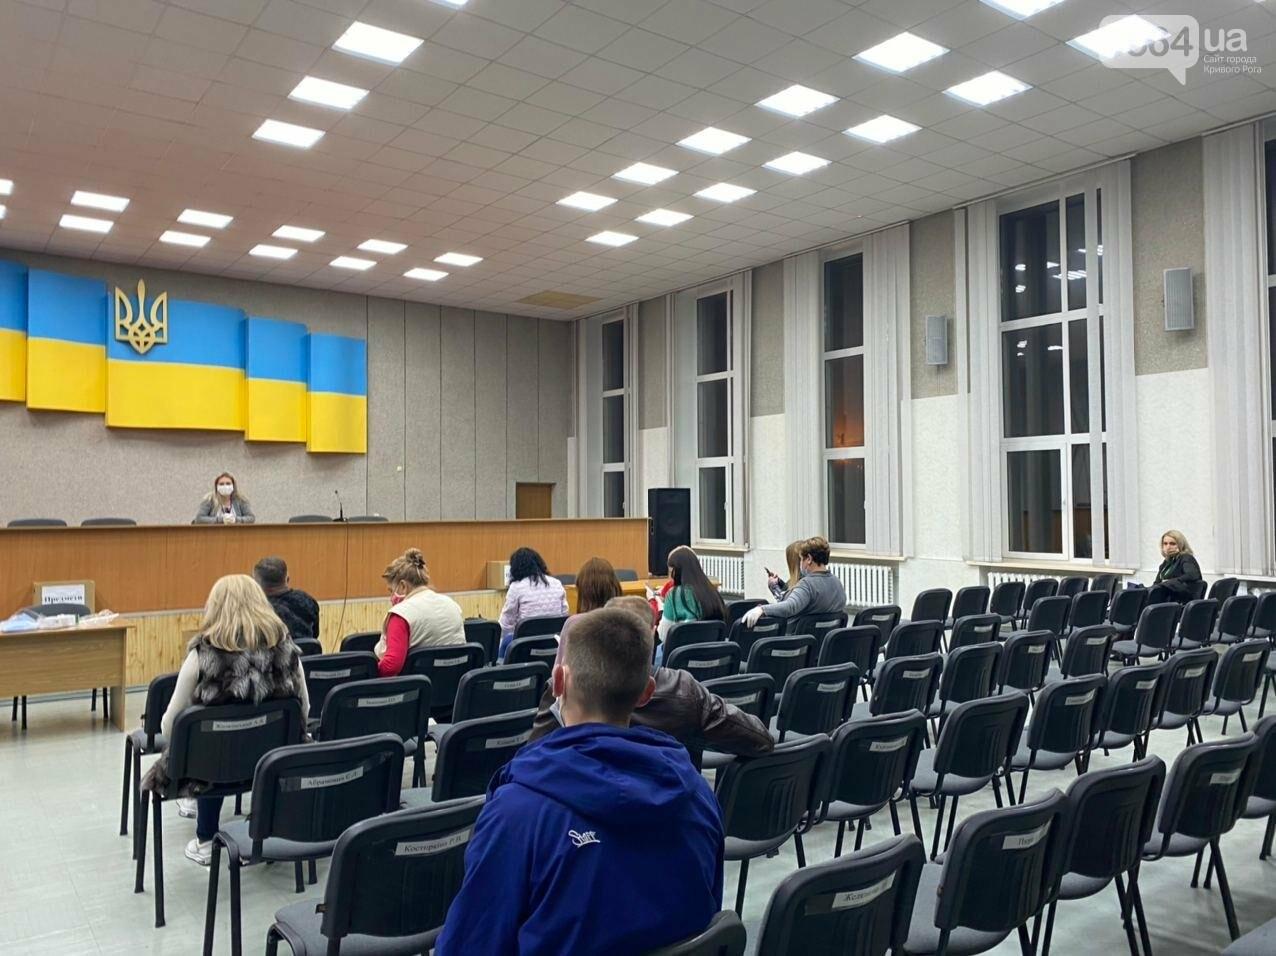 Явка на местных выборах в Покровском районе Кривого Рога составила 35,09 %, - ФОТО, ВИДЕО, фото-1